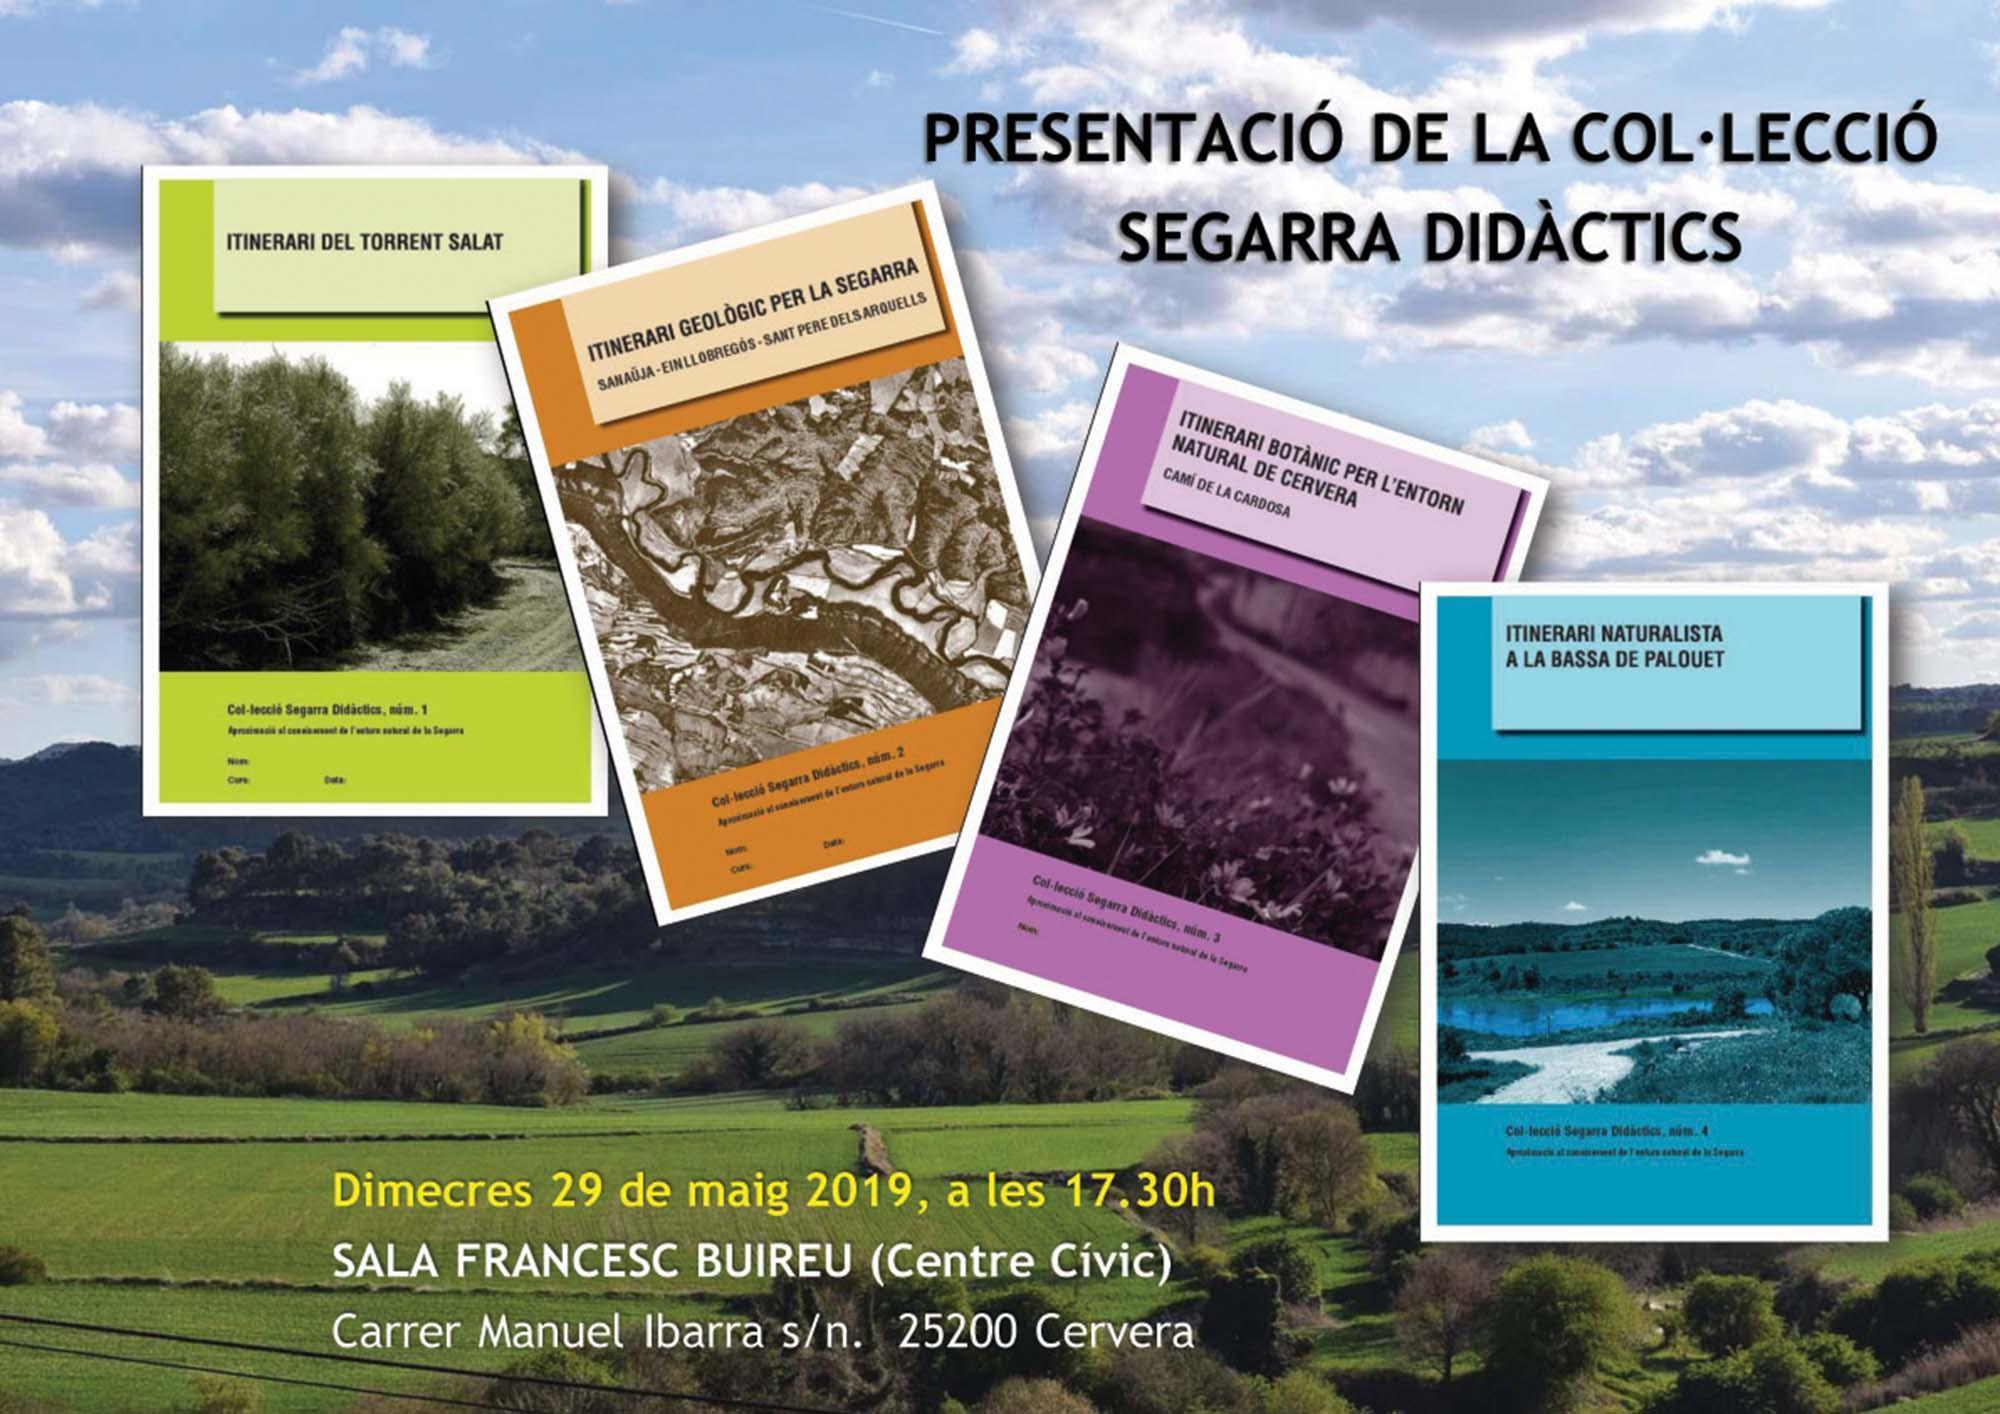 Presentació de la Col·lecció Segarra Didàctics